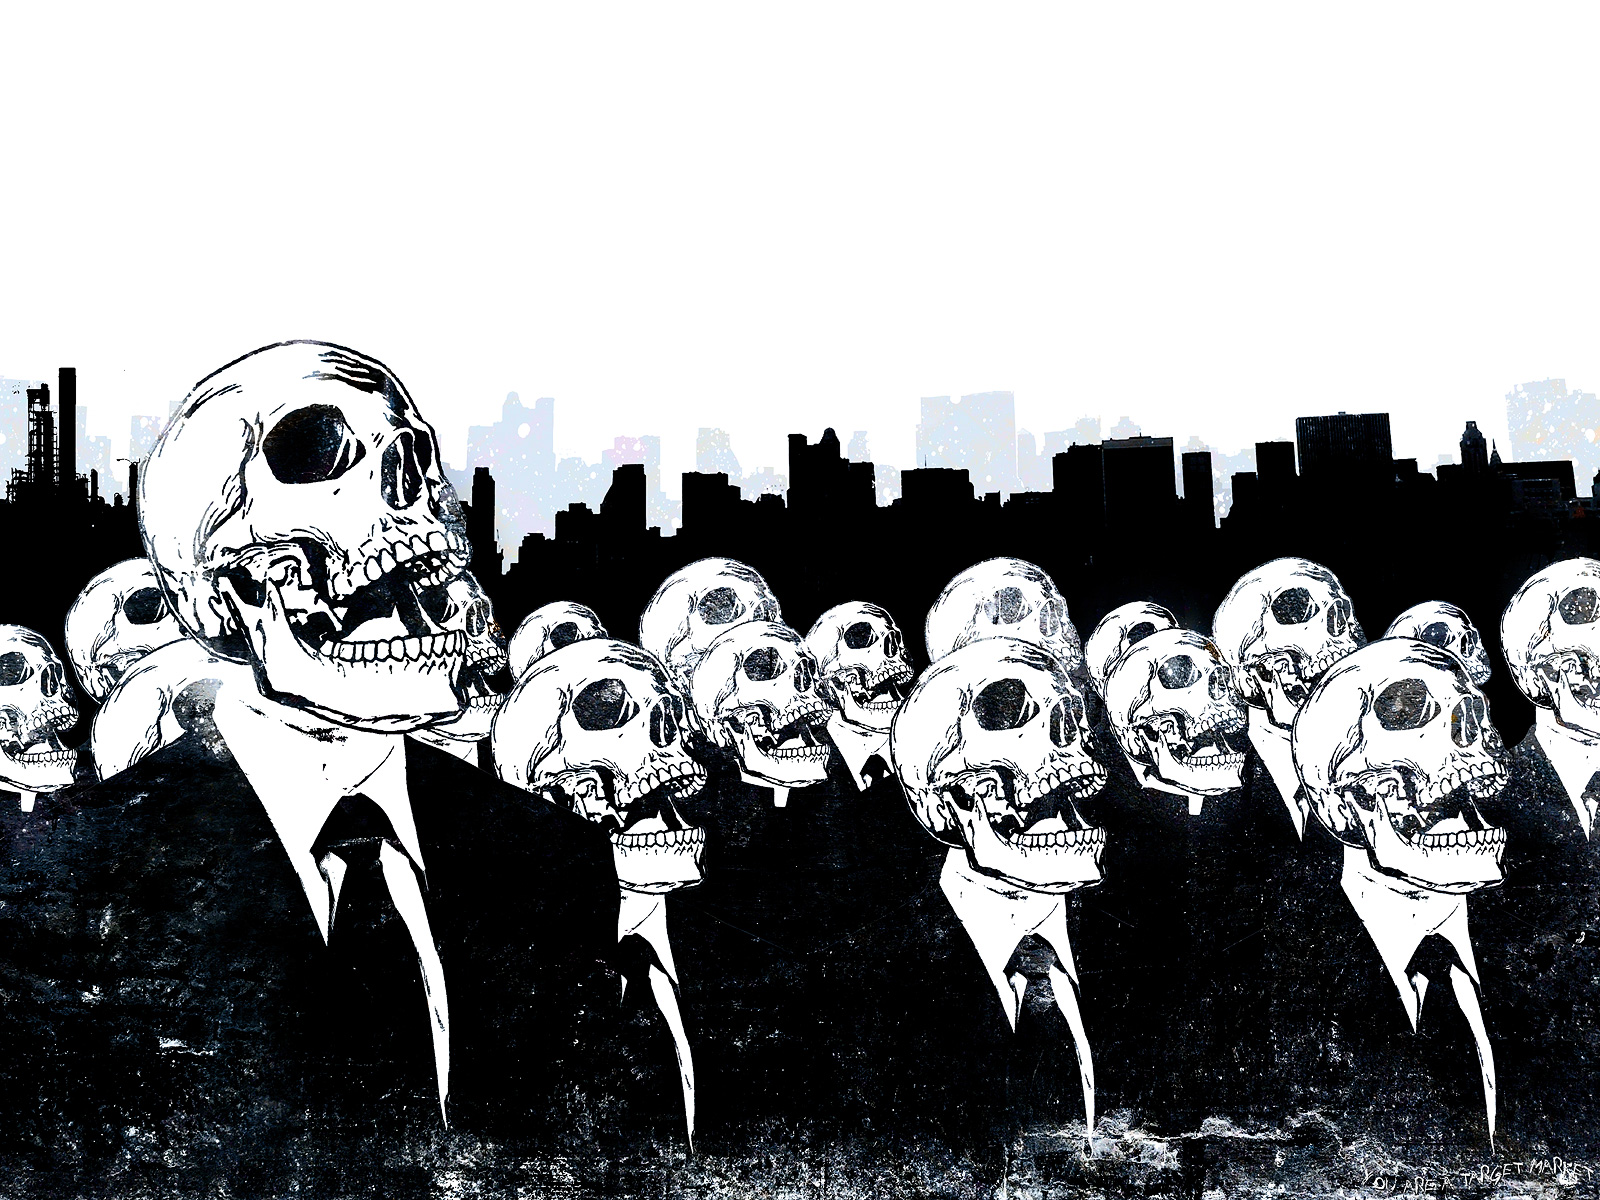 http://1.bp.blogspot.com/-ctDV6yjfqyI/TiLMf2q3GiI/AAAAAAAABPw/VIWzjqwlzw4/s1600/crowded-skulls-wallpaper.jpg